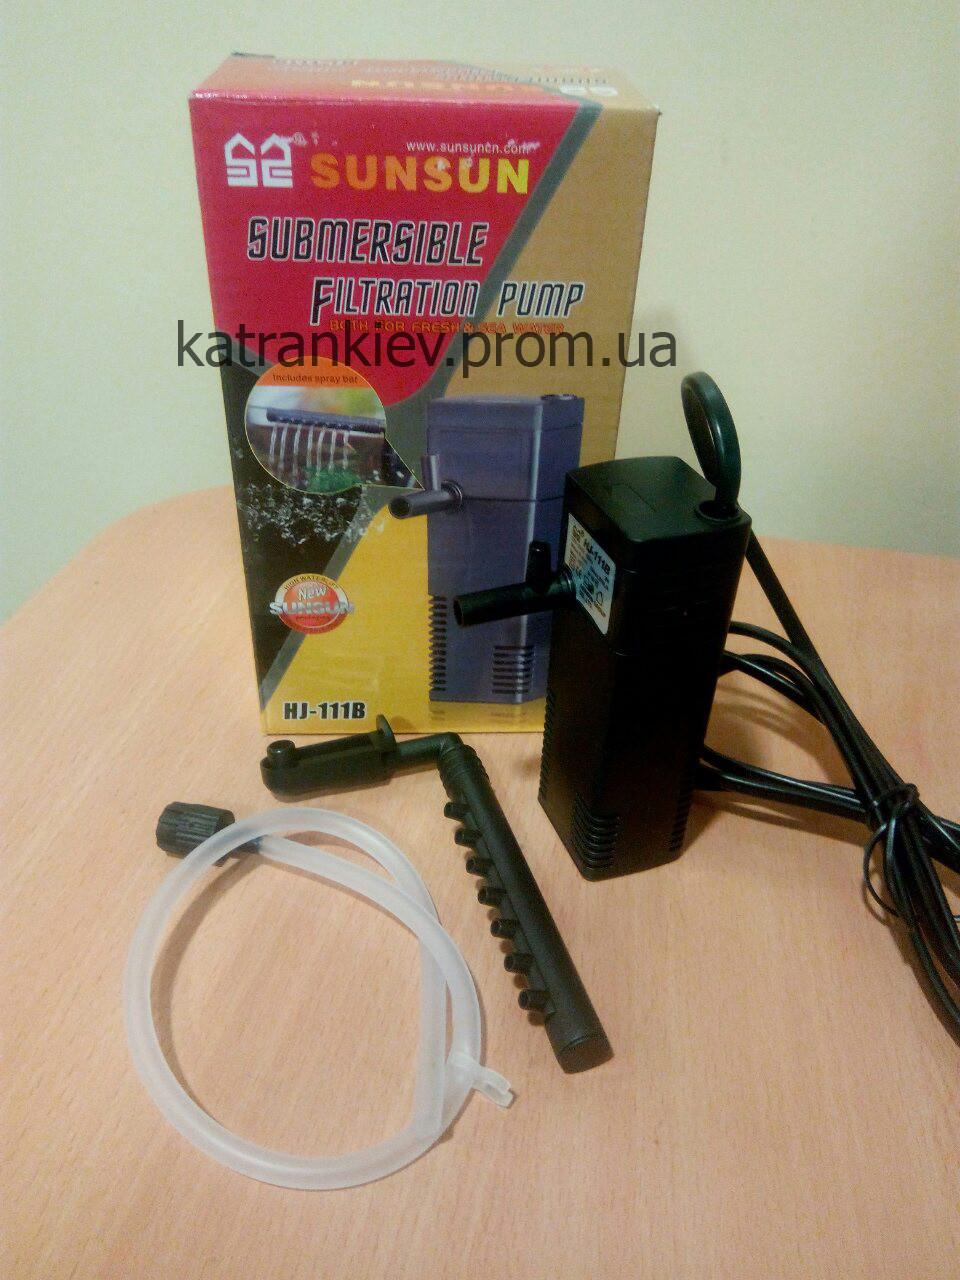 Фильтр для аквариума до 40 л с подачей воздуха/флейтой SunSun Hj-111b